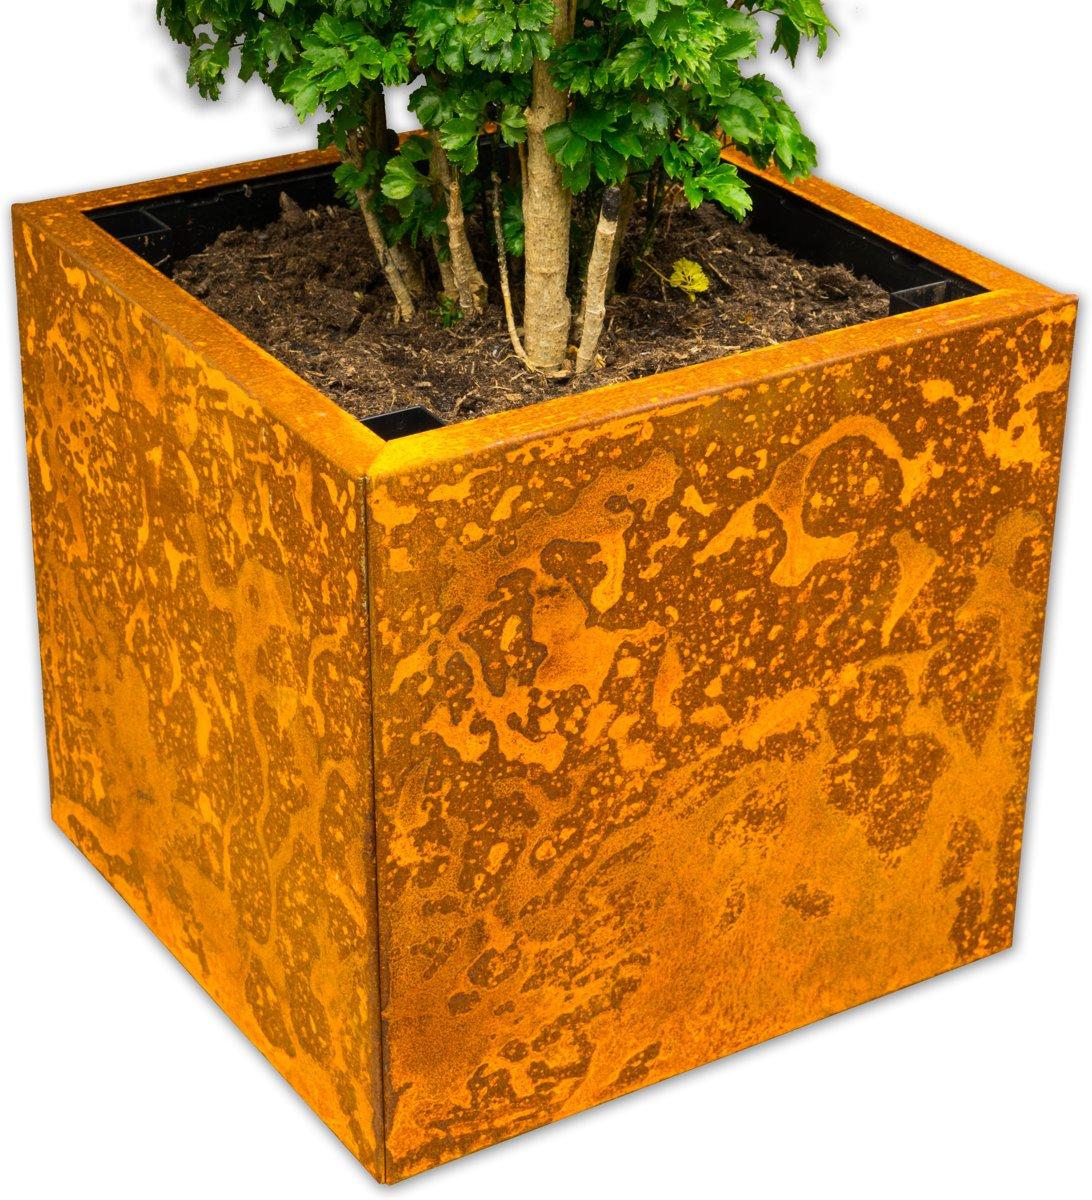 Grote Plantenbak Binnen.Top Honderd Yoepplanter Plantenbak 3x Innovatie Koppelbare